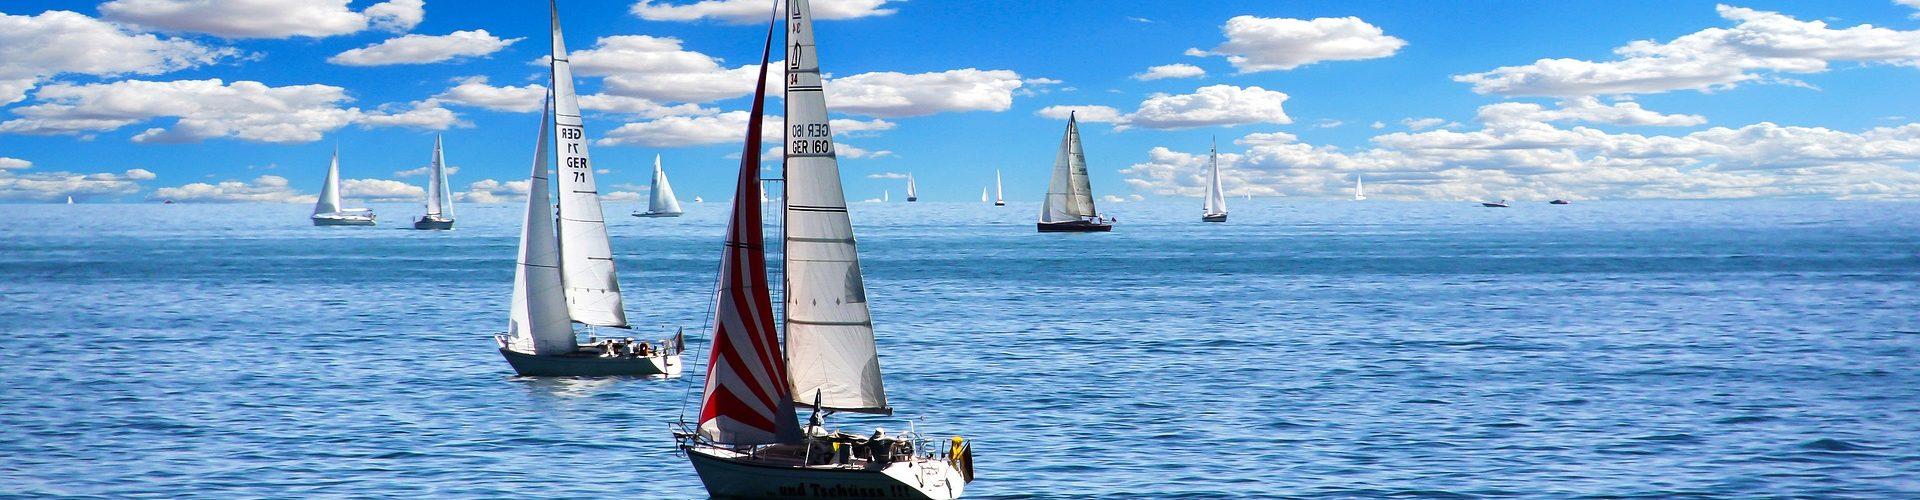 segeln lernen in Teupitz segelschein machen in Teupitz 1920x500 - Segeln lernen in Teupitz